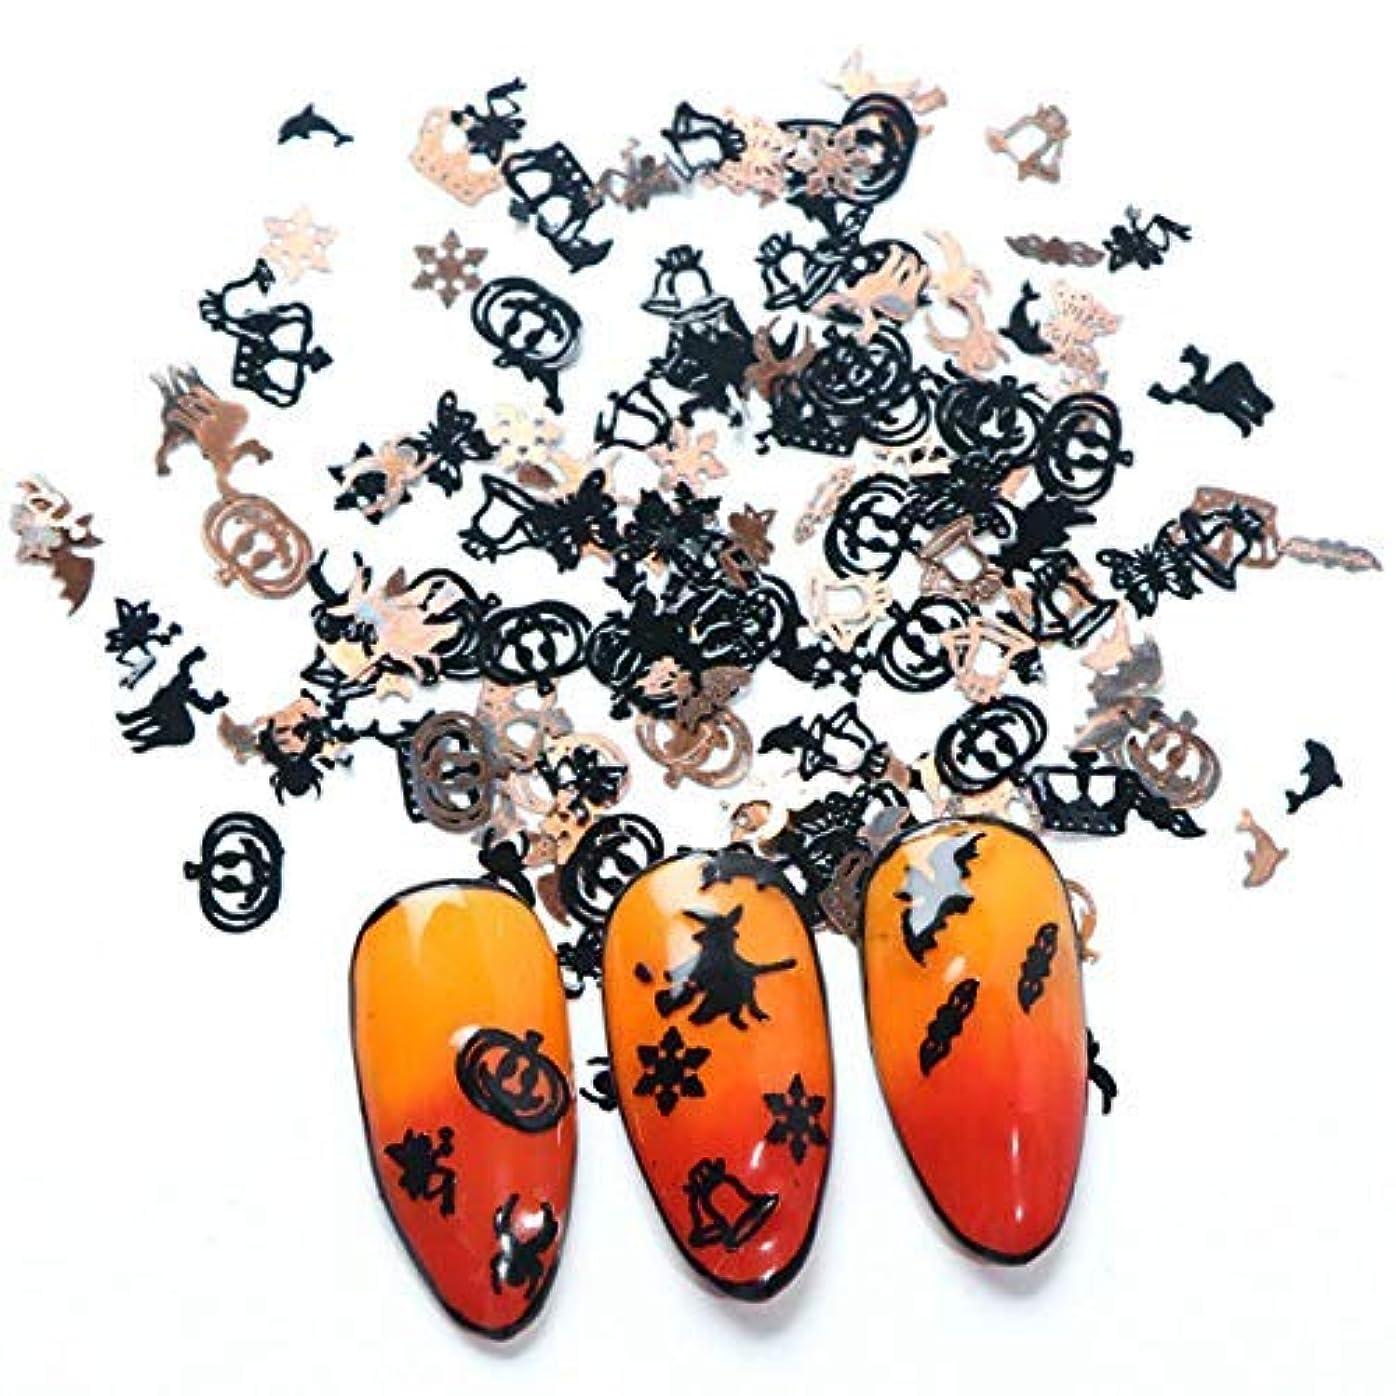 引退する増幅器煙ハロウィーンのテーマネイルアートフレークネイルアートスパンコールネイルアートデコレーション魔女コウモリカボチャゴールド/ブラックカラー